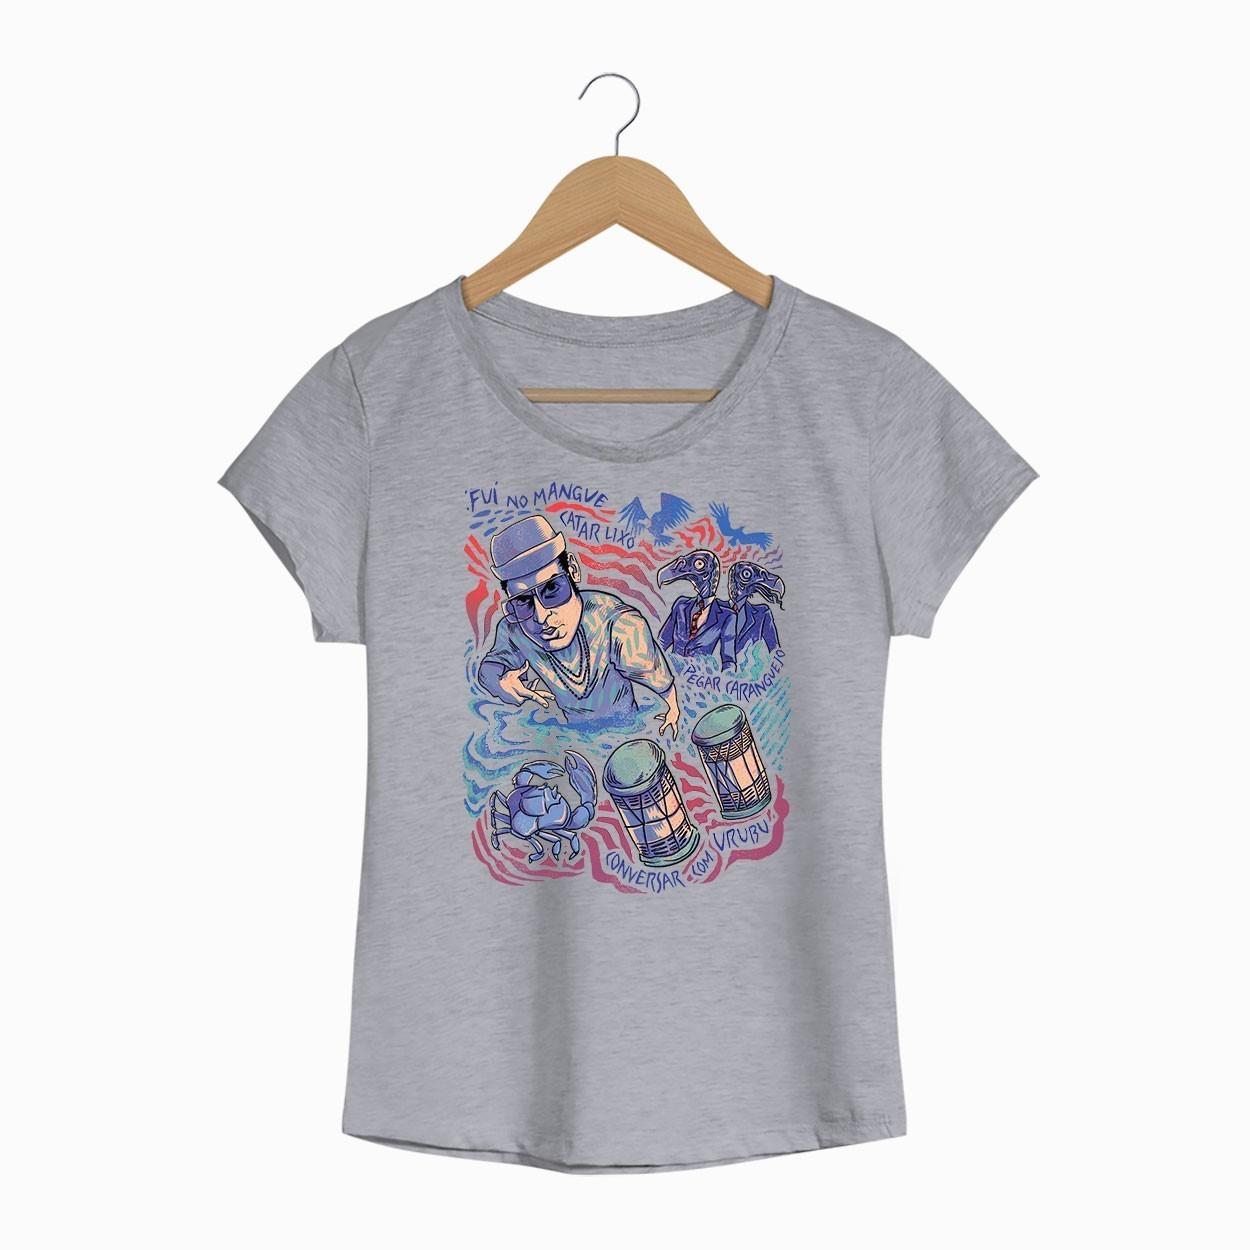 Camiseta Manguetown - Chico Science Nação Zumbi - Feminino